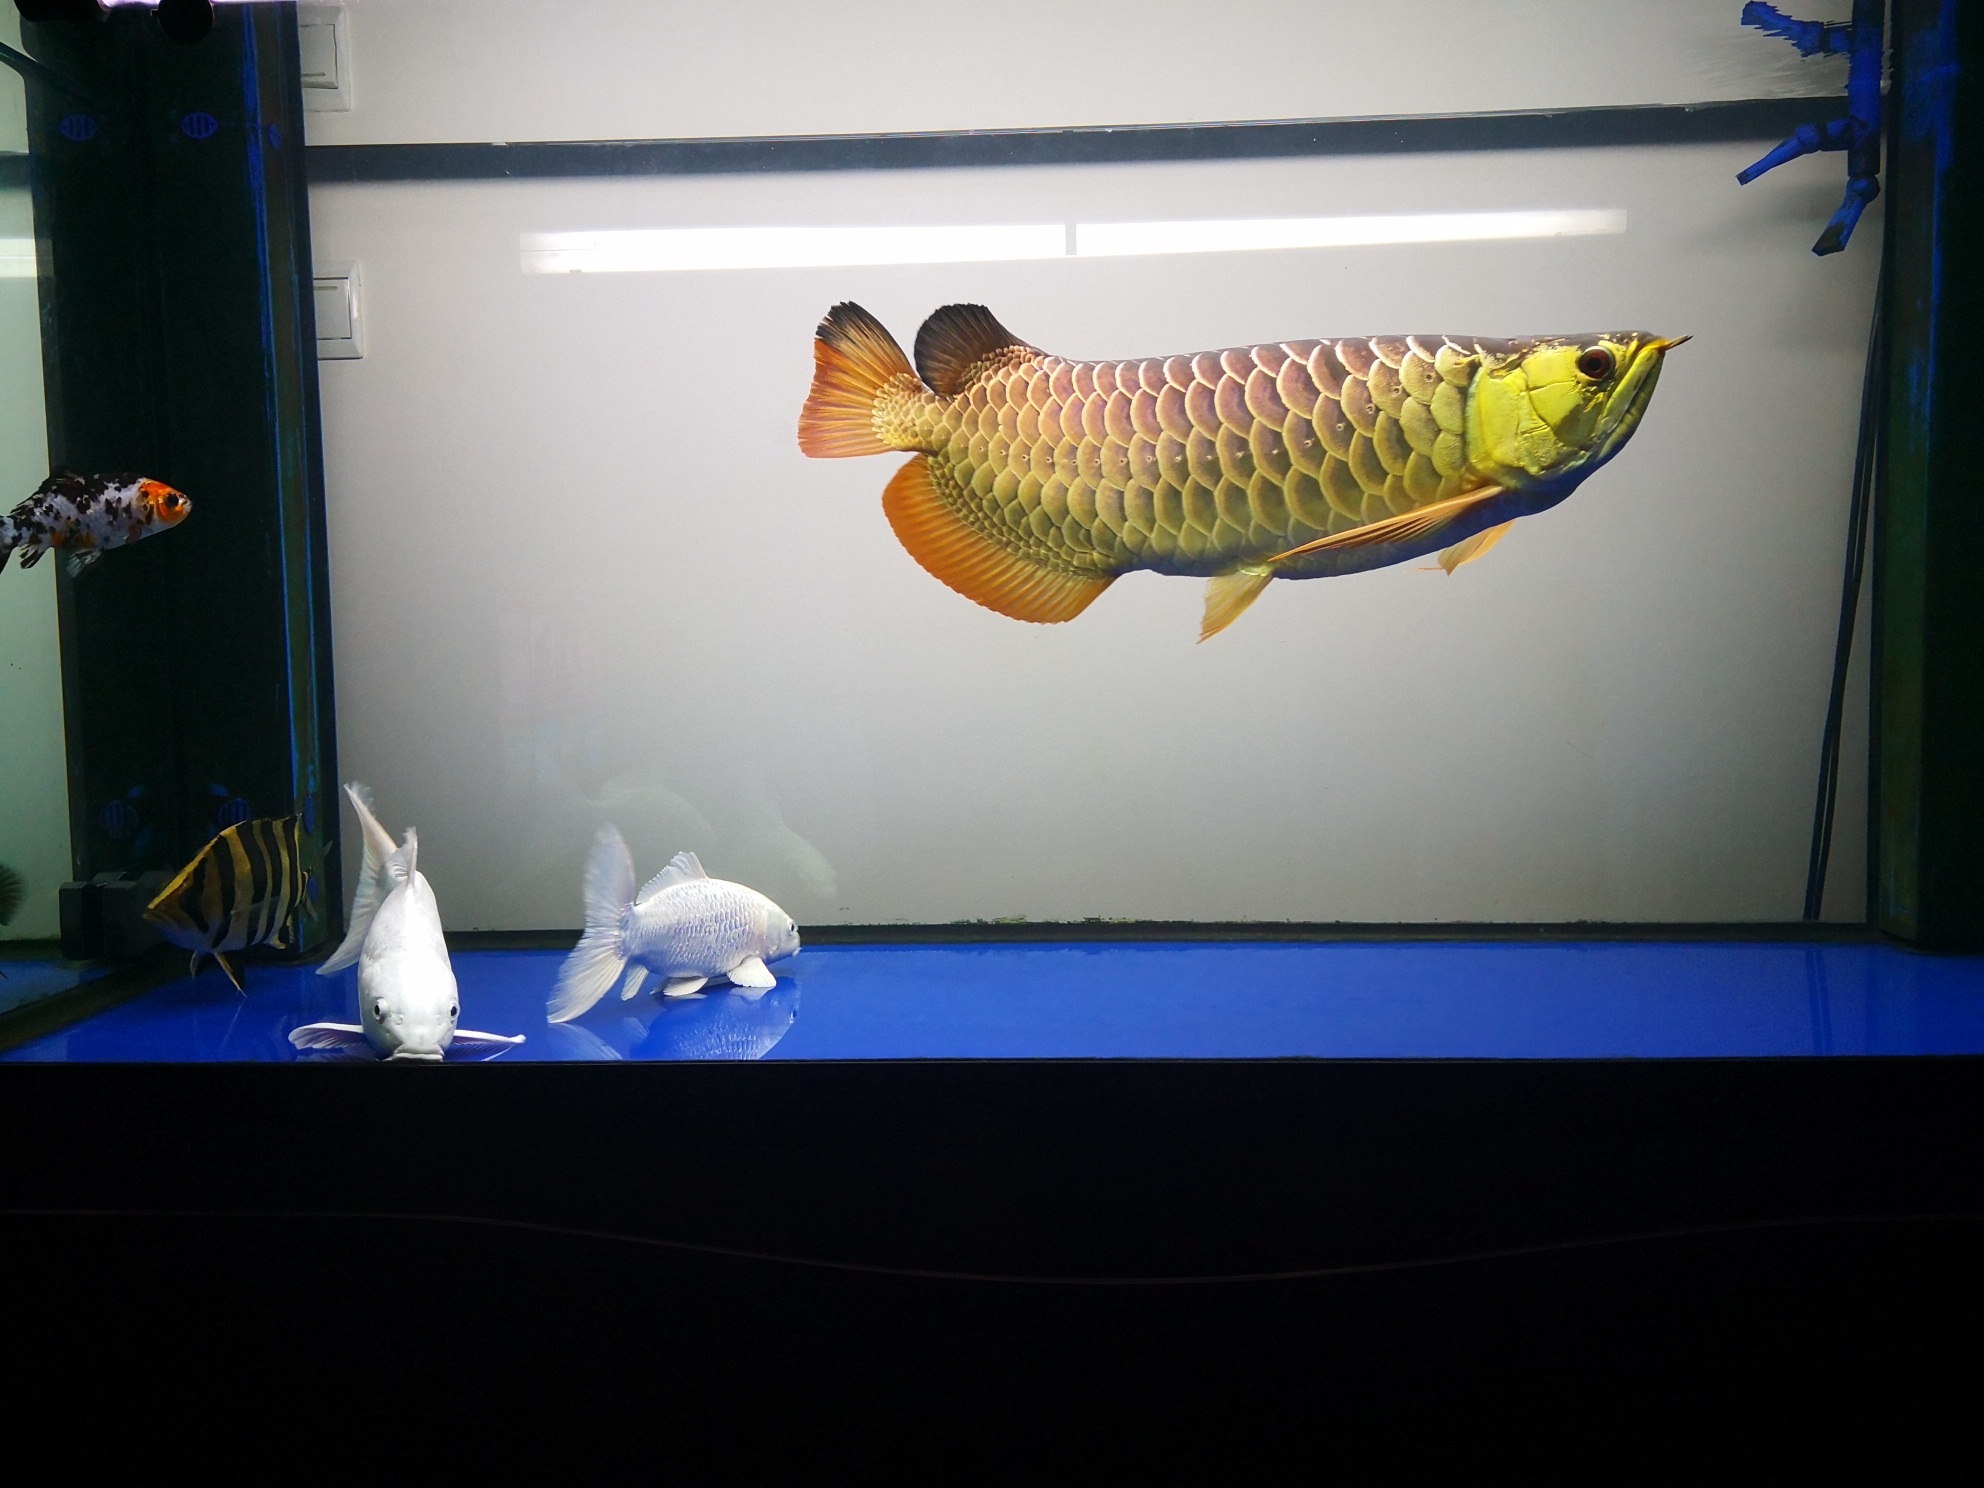 中国兰州天龙地虎 兰州水族批发市场 兰州龙鱼第1张